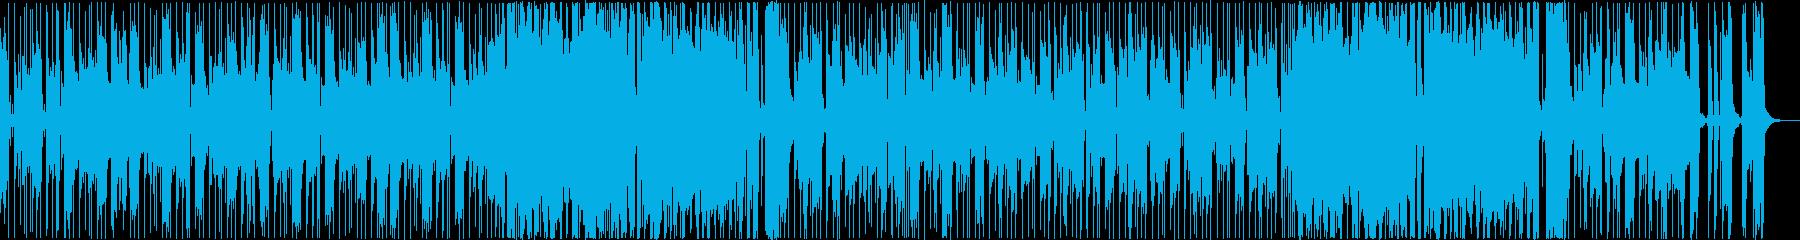 クラシックなR&B / Soul ...の再生済みの波形